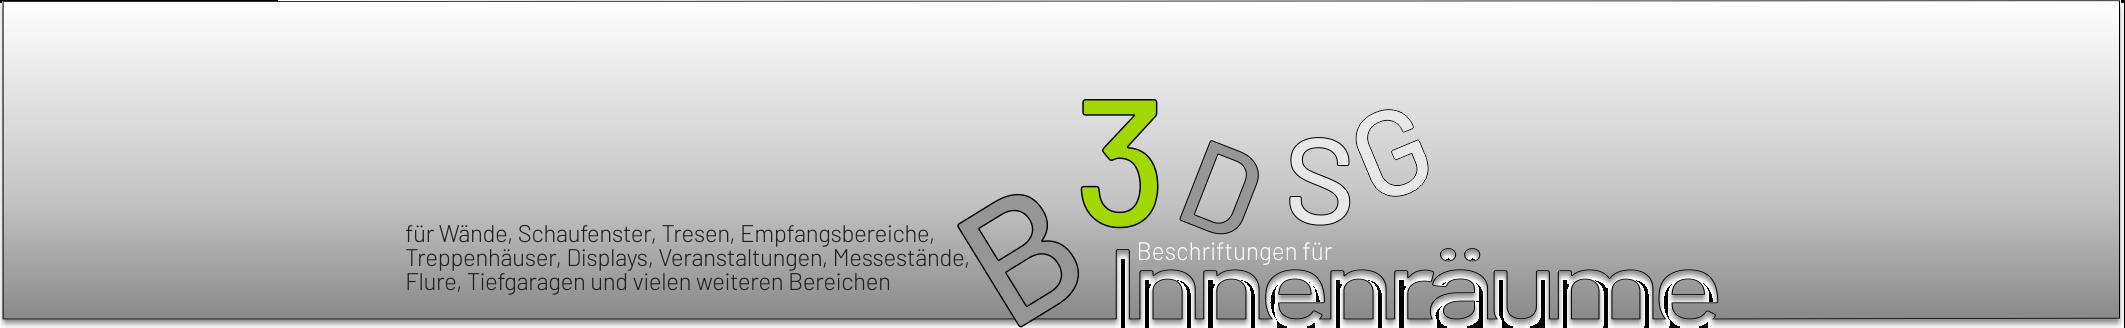 b3d-studio-3d-beschriftung-3d-buchstaben-3d-logo